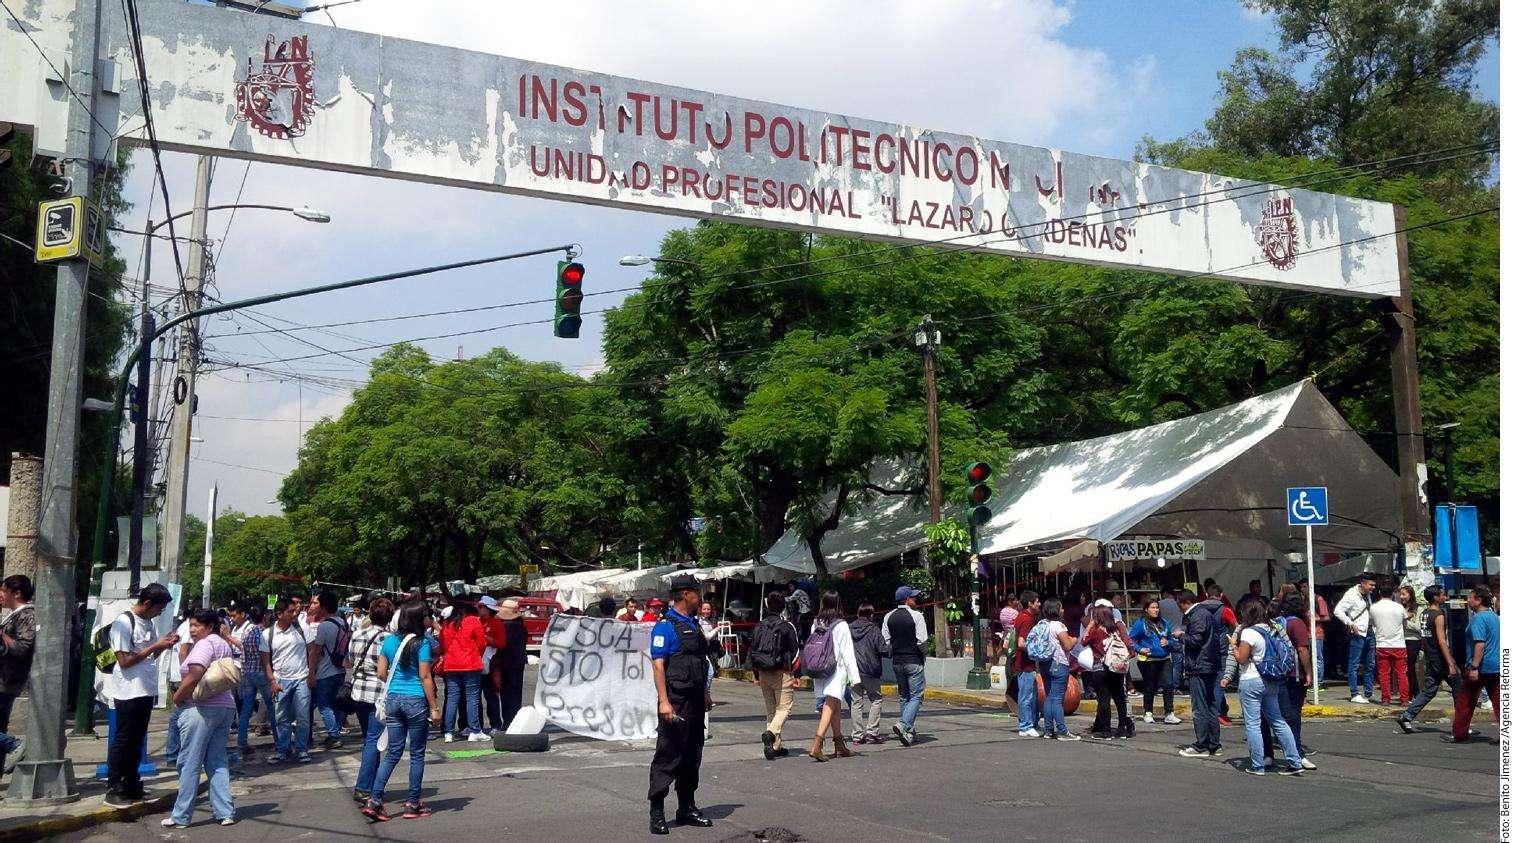 Marcha estudiantes del IPN Foto: Agencia Reforma